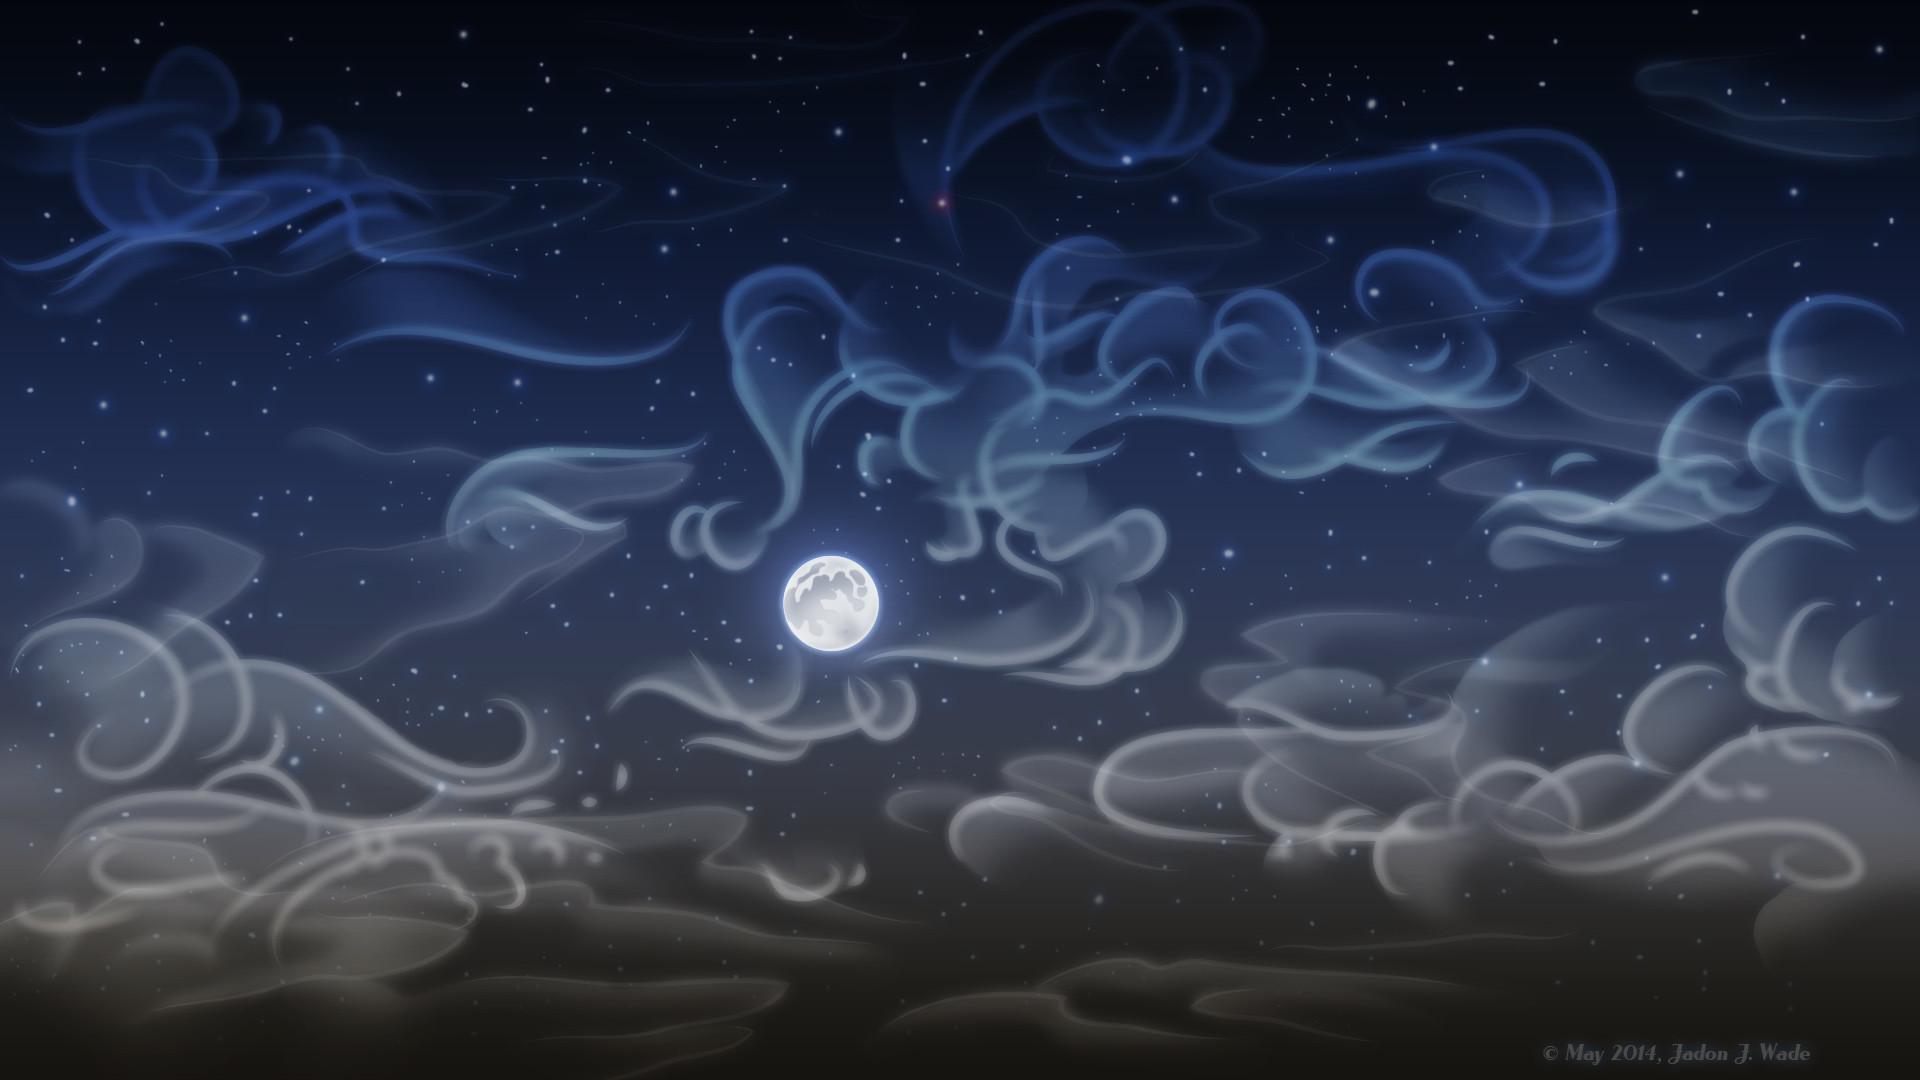 4507b39a1432553457 Fb Xl Png: Scorpio Zodiac Wallpaper (63+ Images